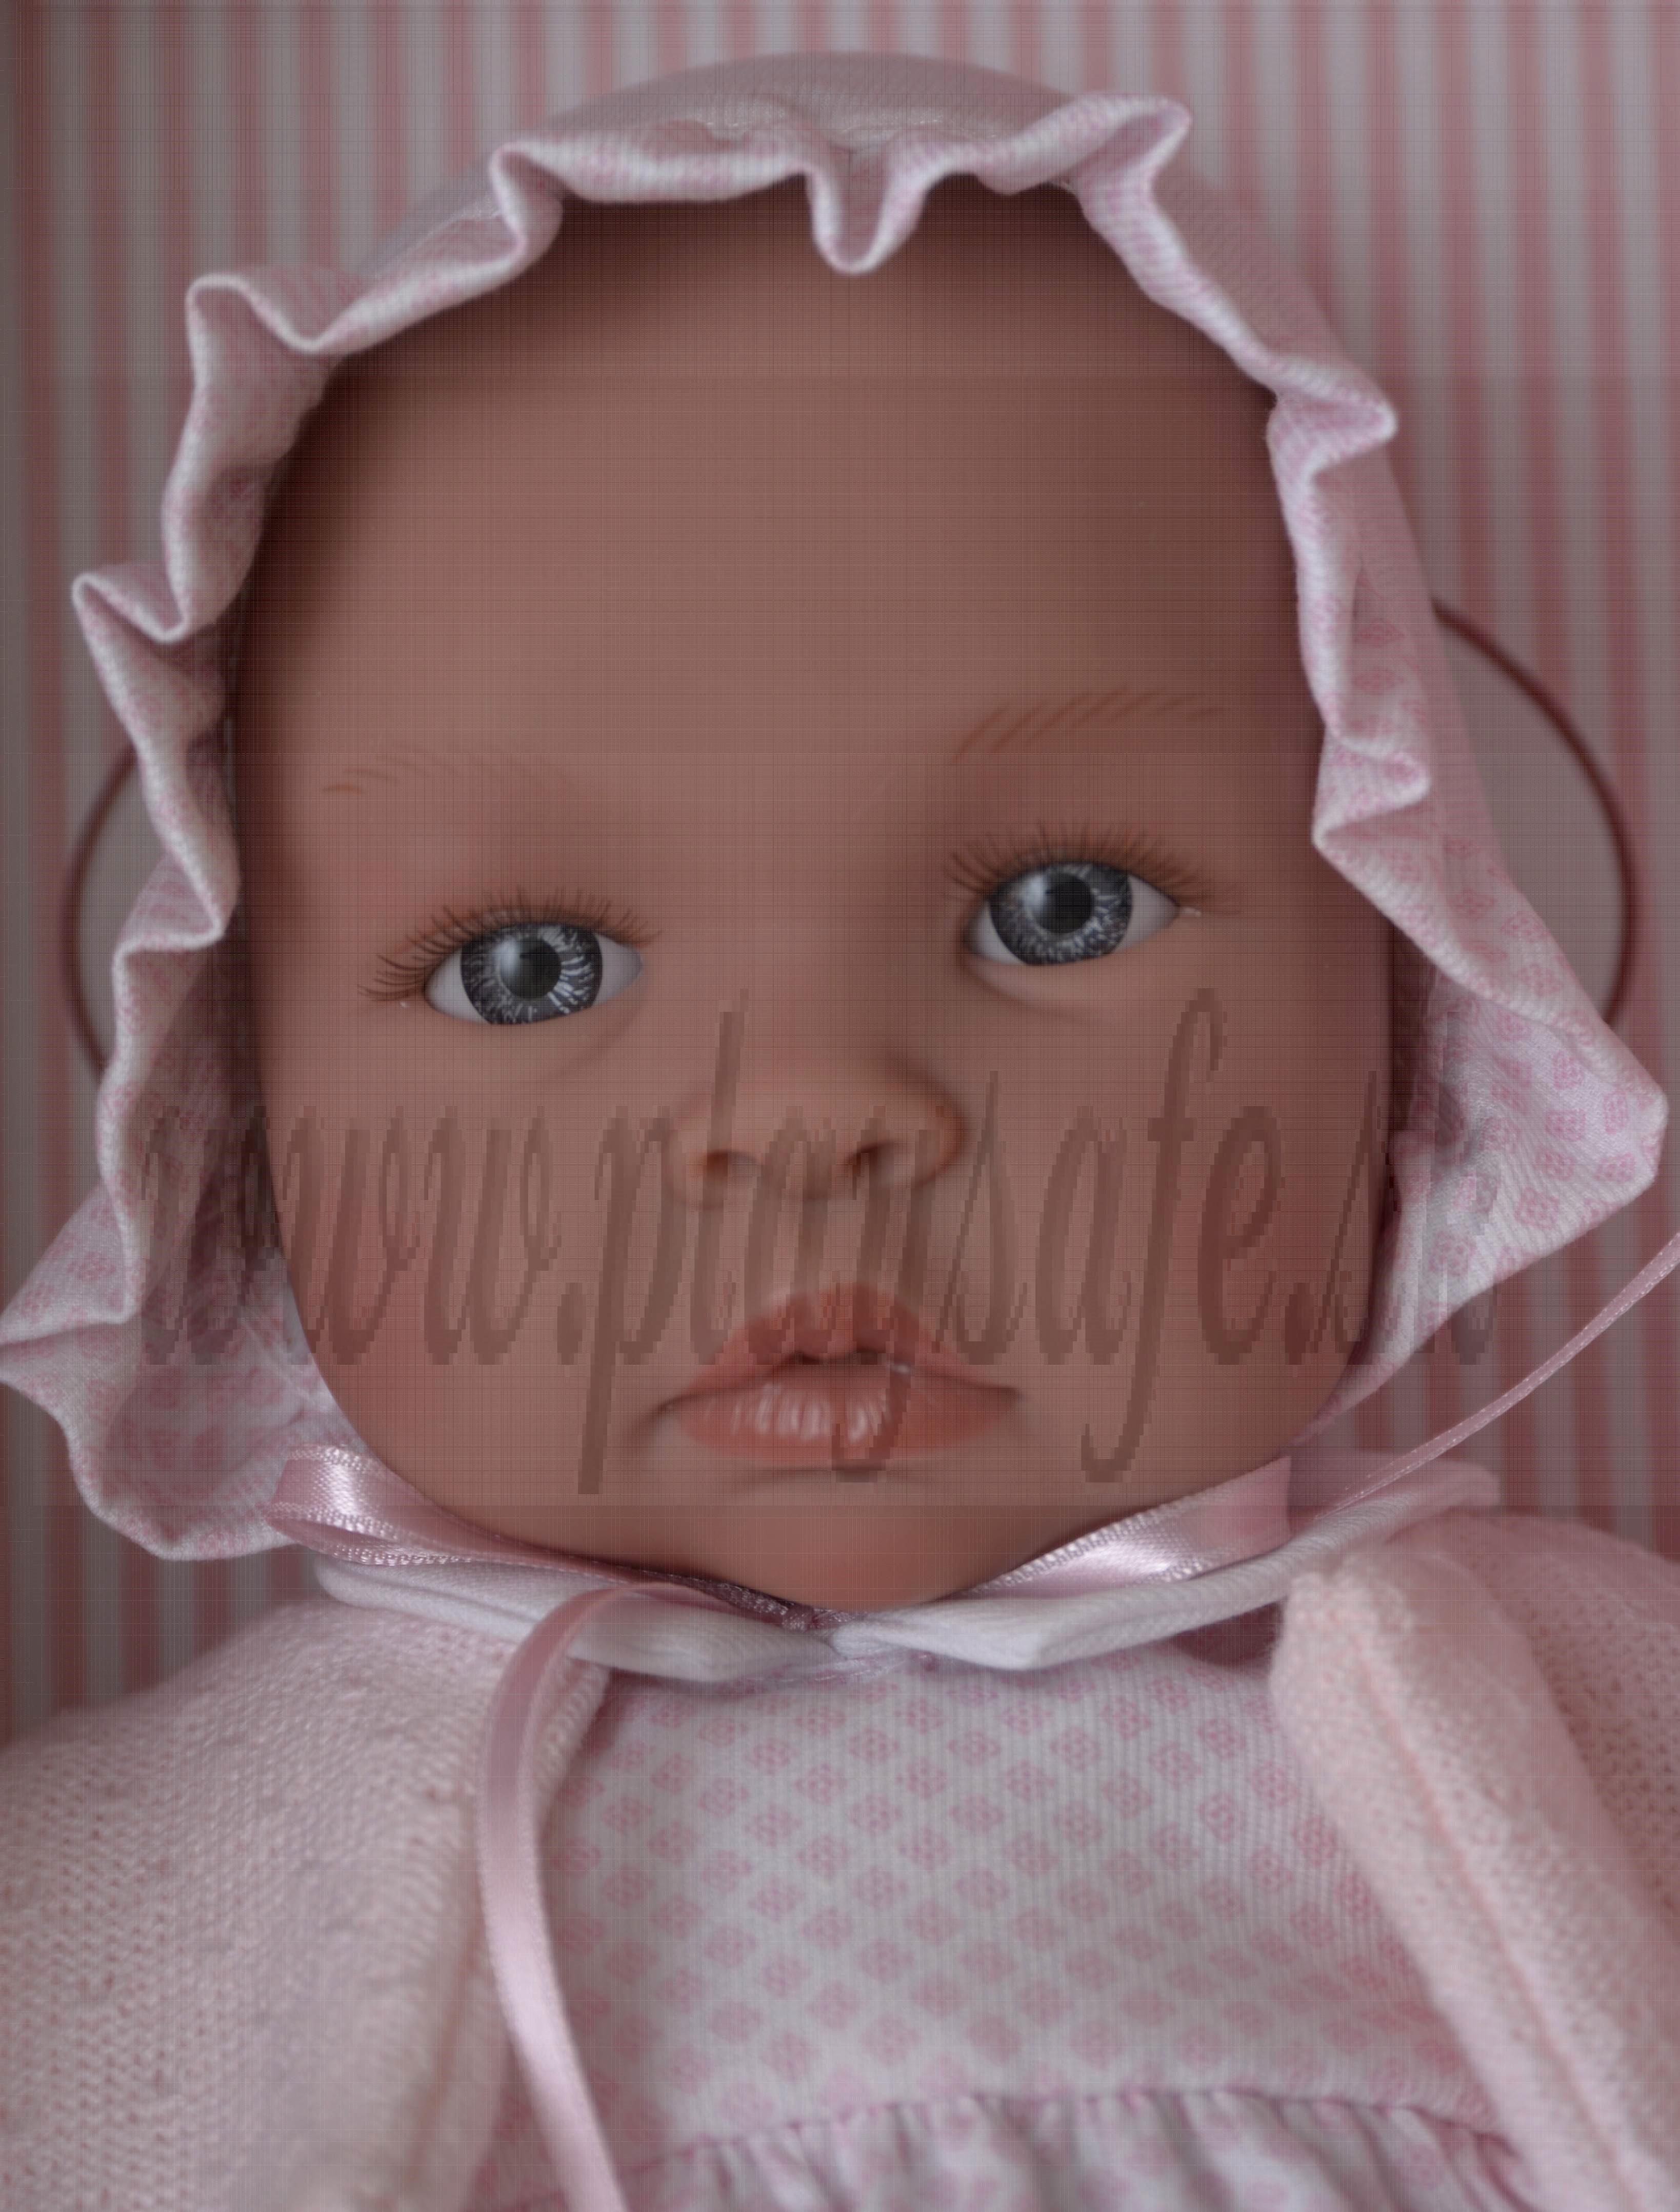 Asivil Bábika s látkovým telíčkom Lea, 46cm ružovobiele šatočky